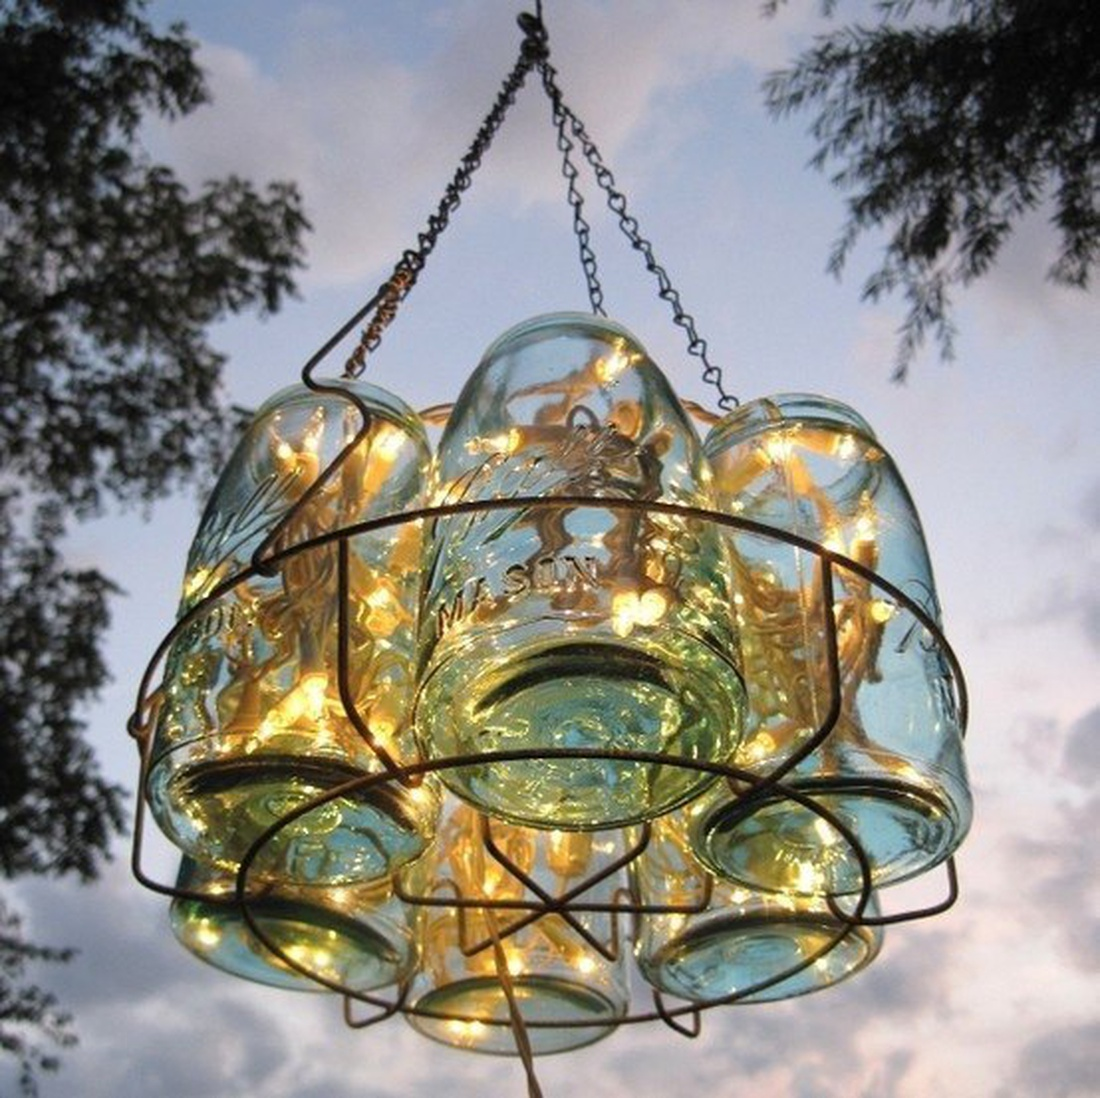 Используйте светодиодные или энергосберегающие лампы во избежании перегрева и возгорания конструкции.